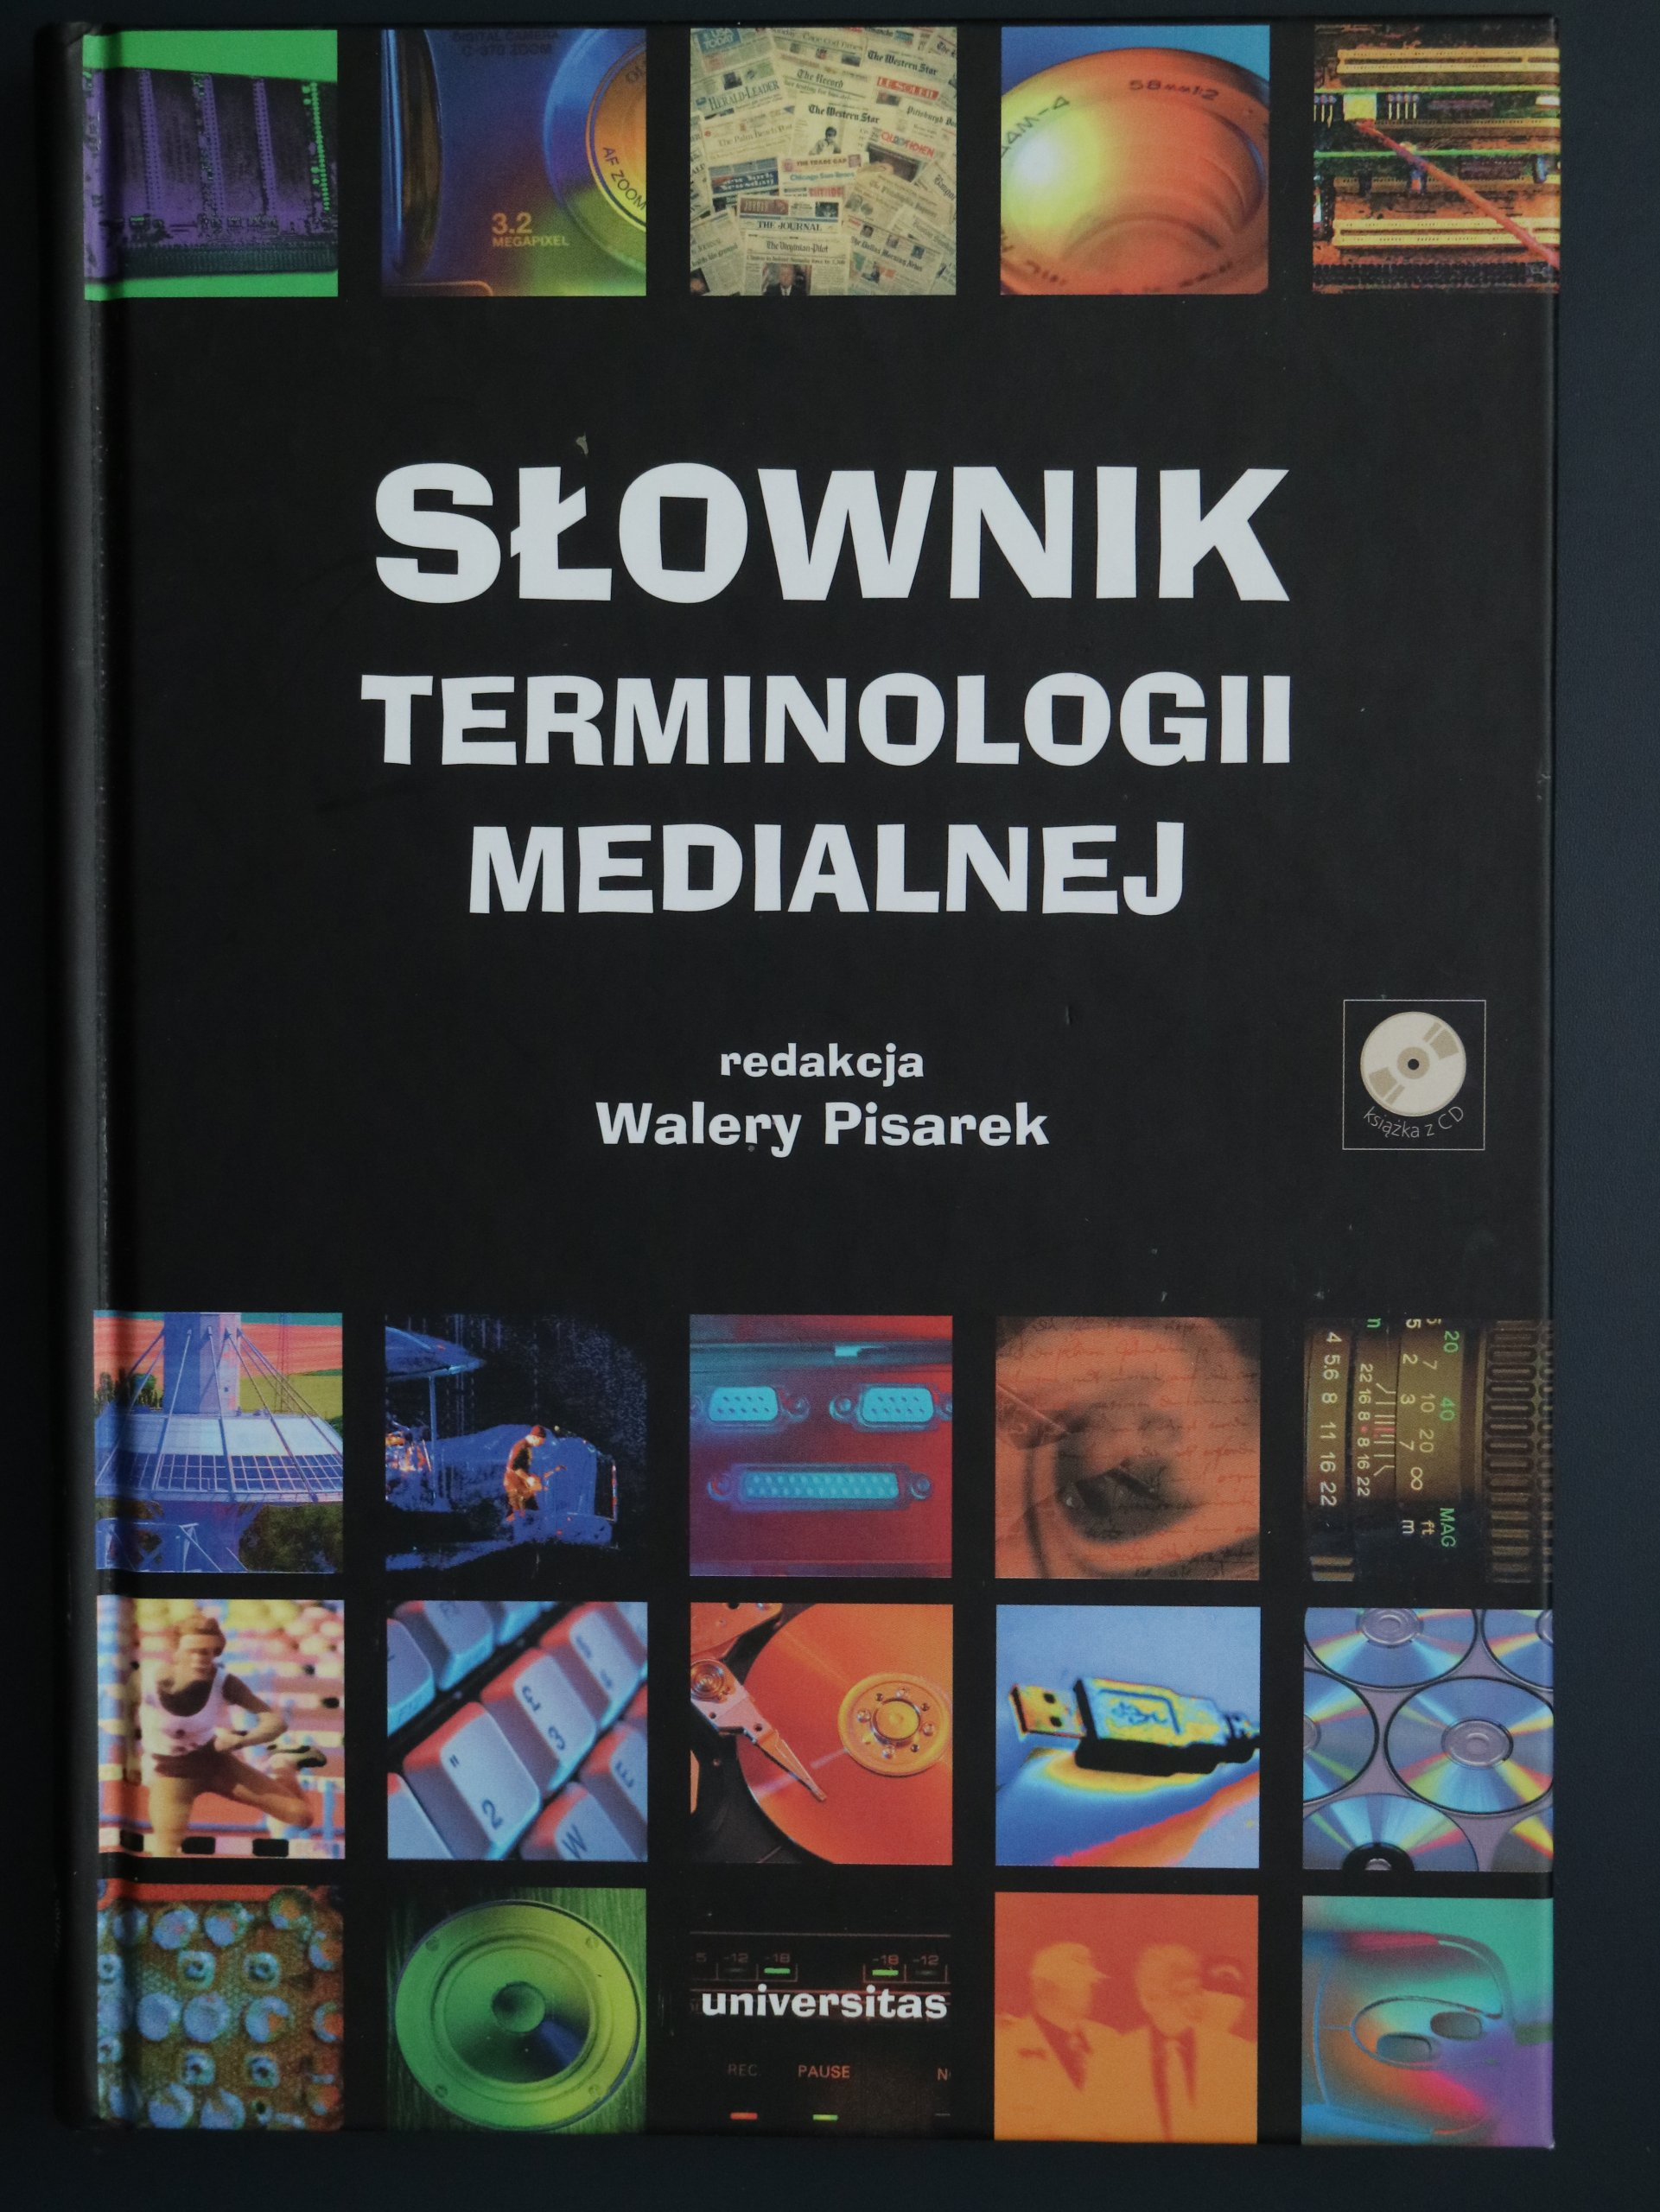 dobry aliexpress amazonka SŁOWNIK TERMINOLOGII MEDIALNEJ - 7336545222 - oficjalne ...